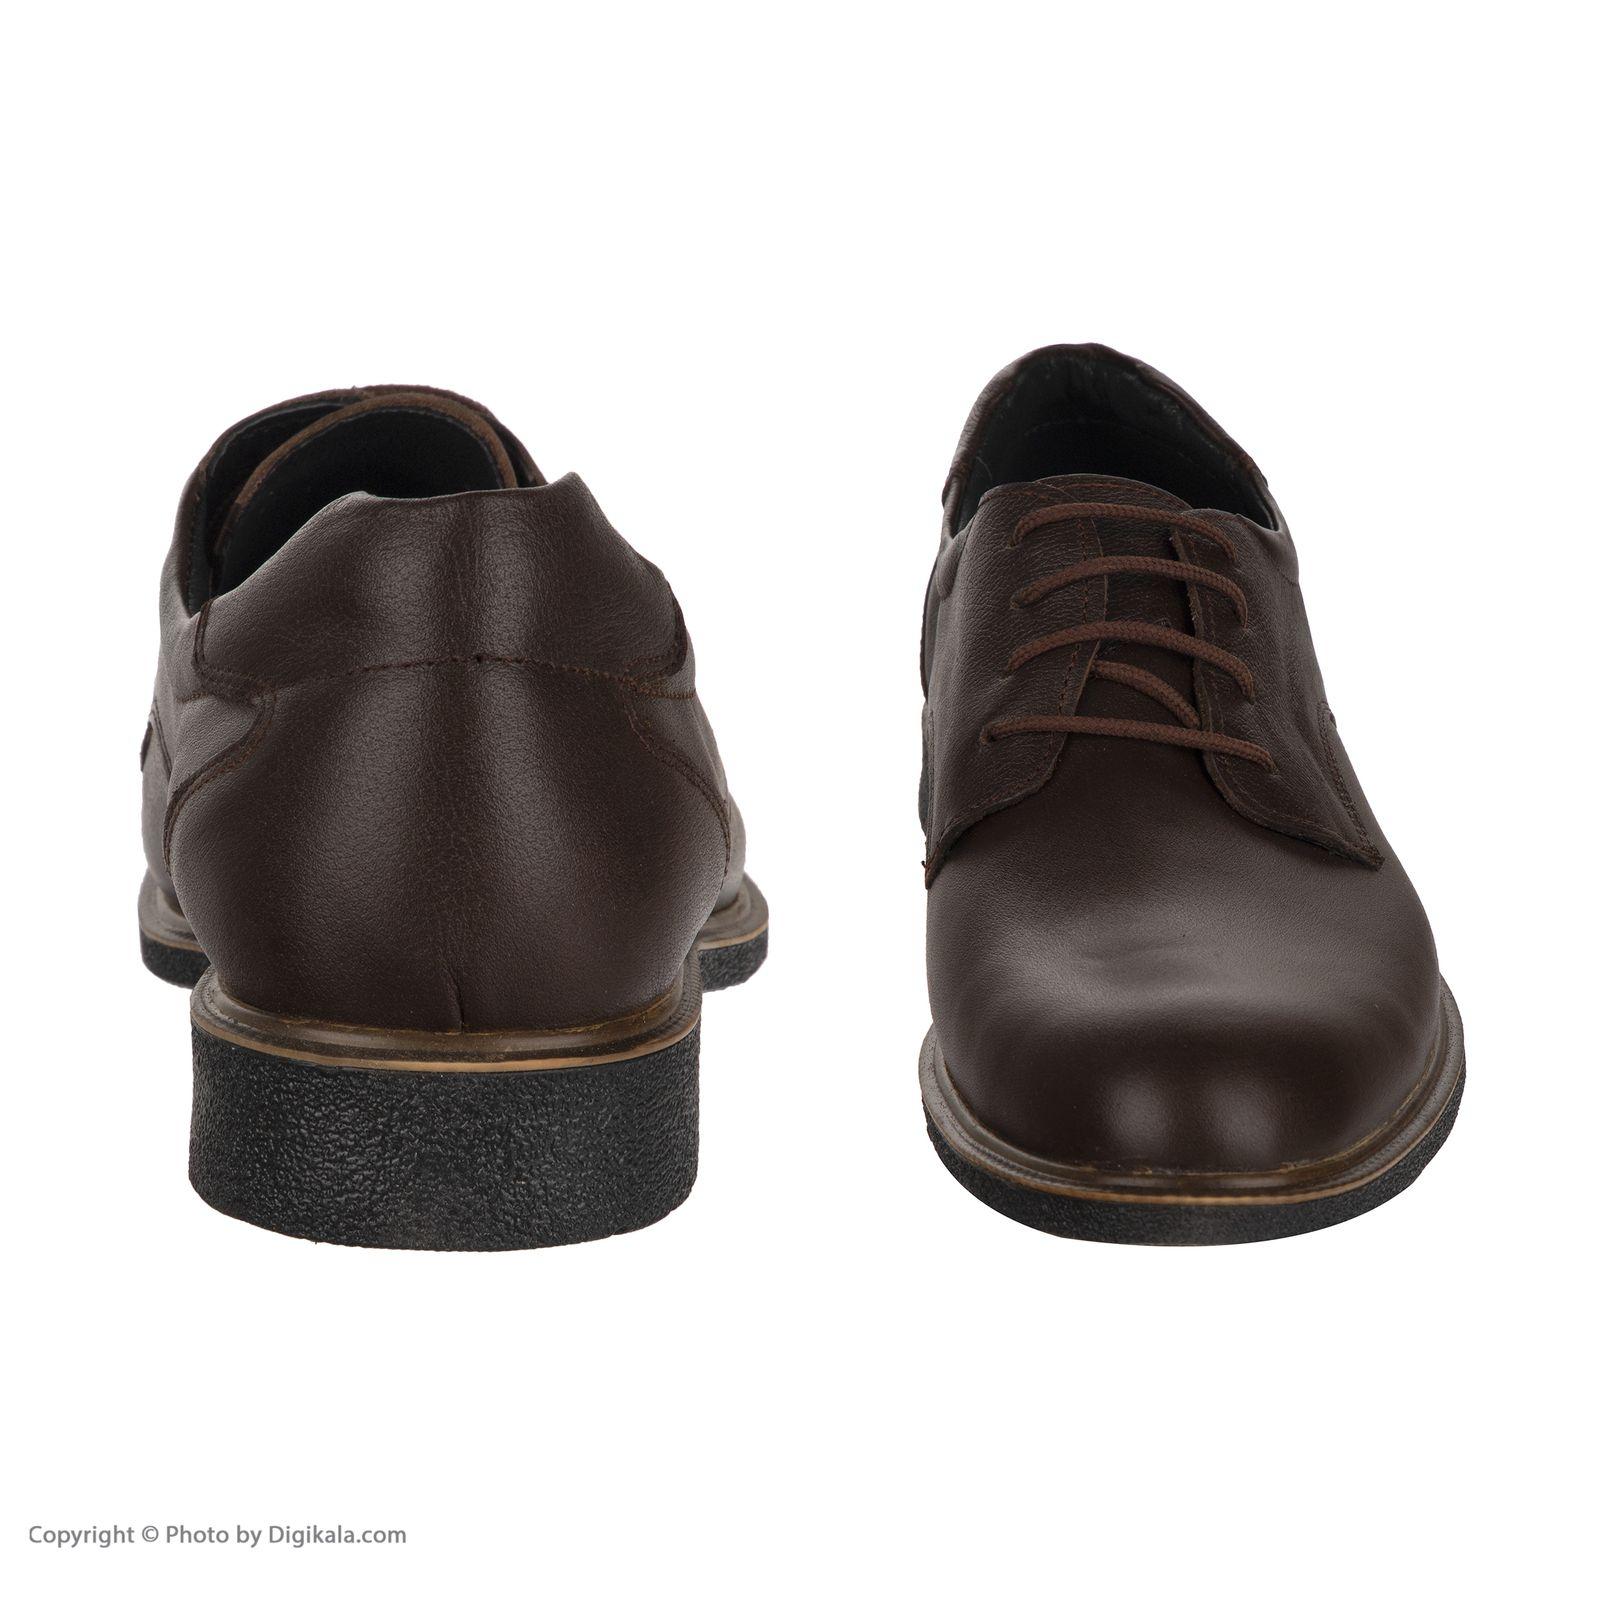 کفش مردانه سوته مدل 4870L503104 -  - 5